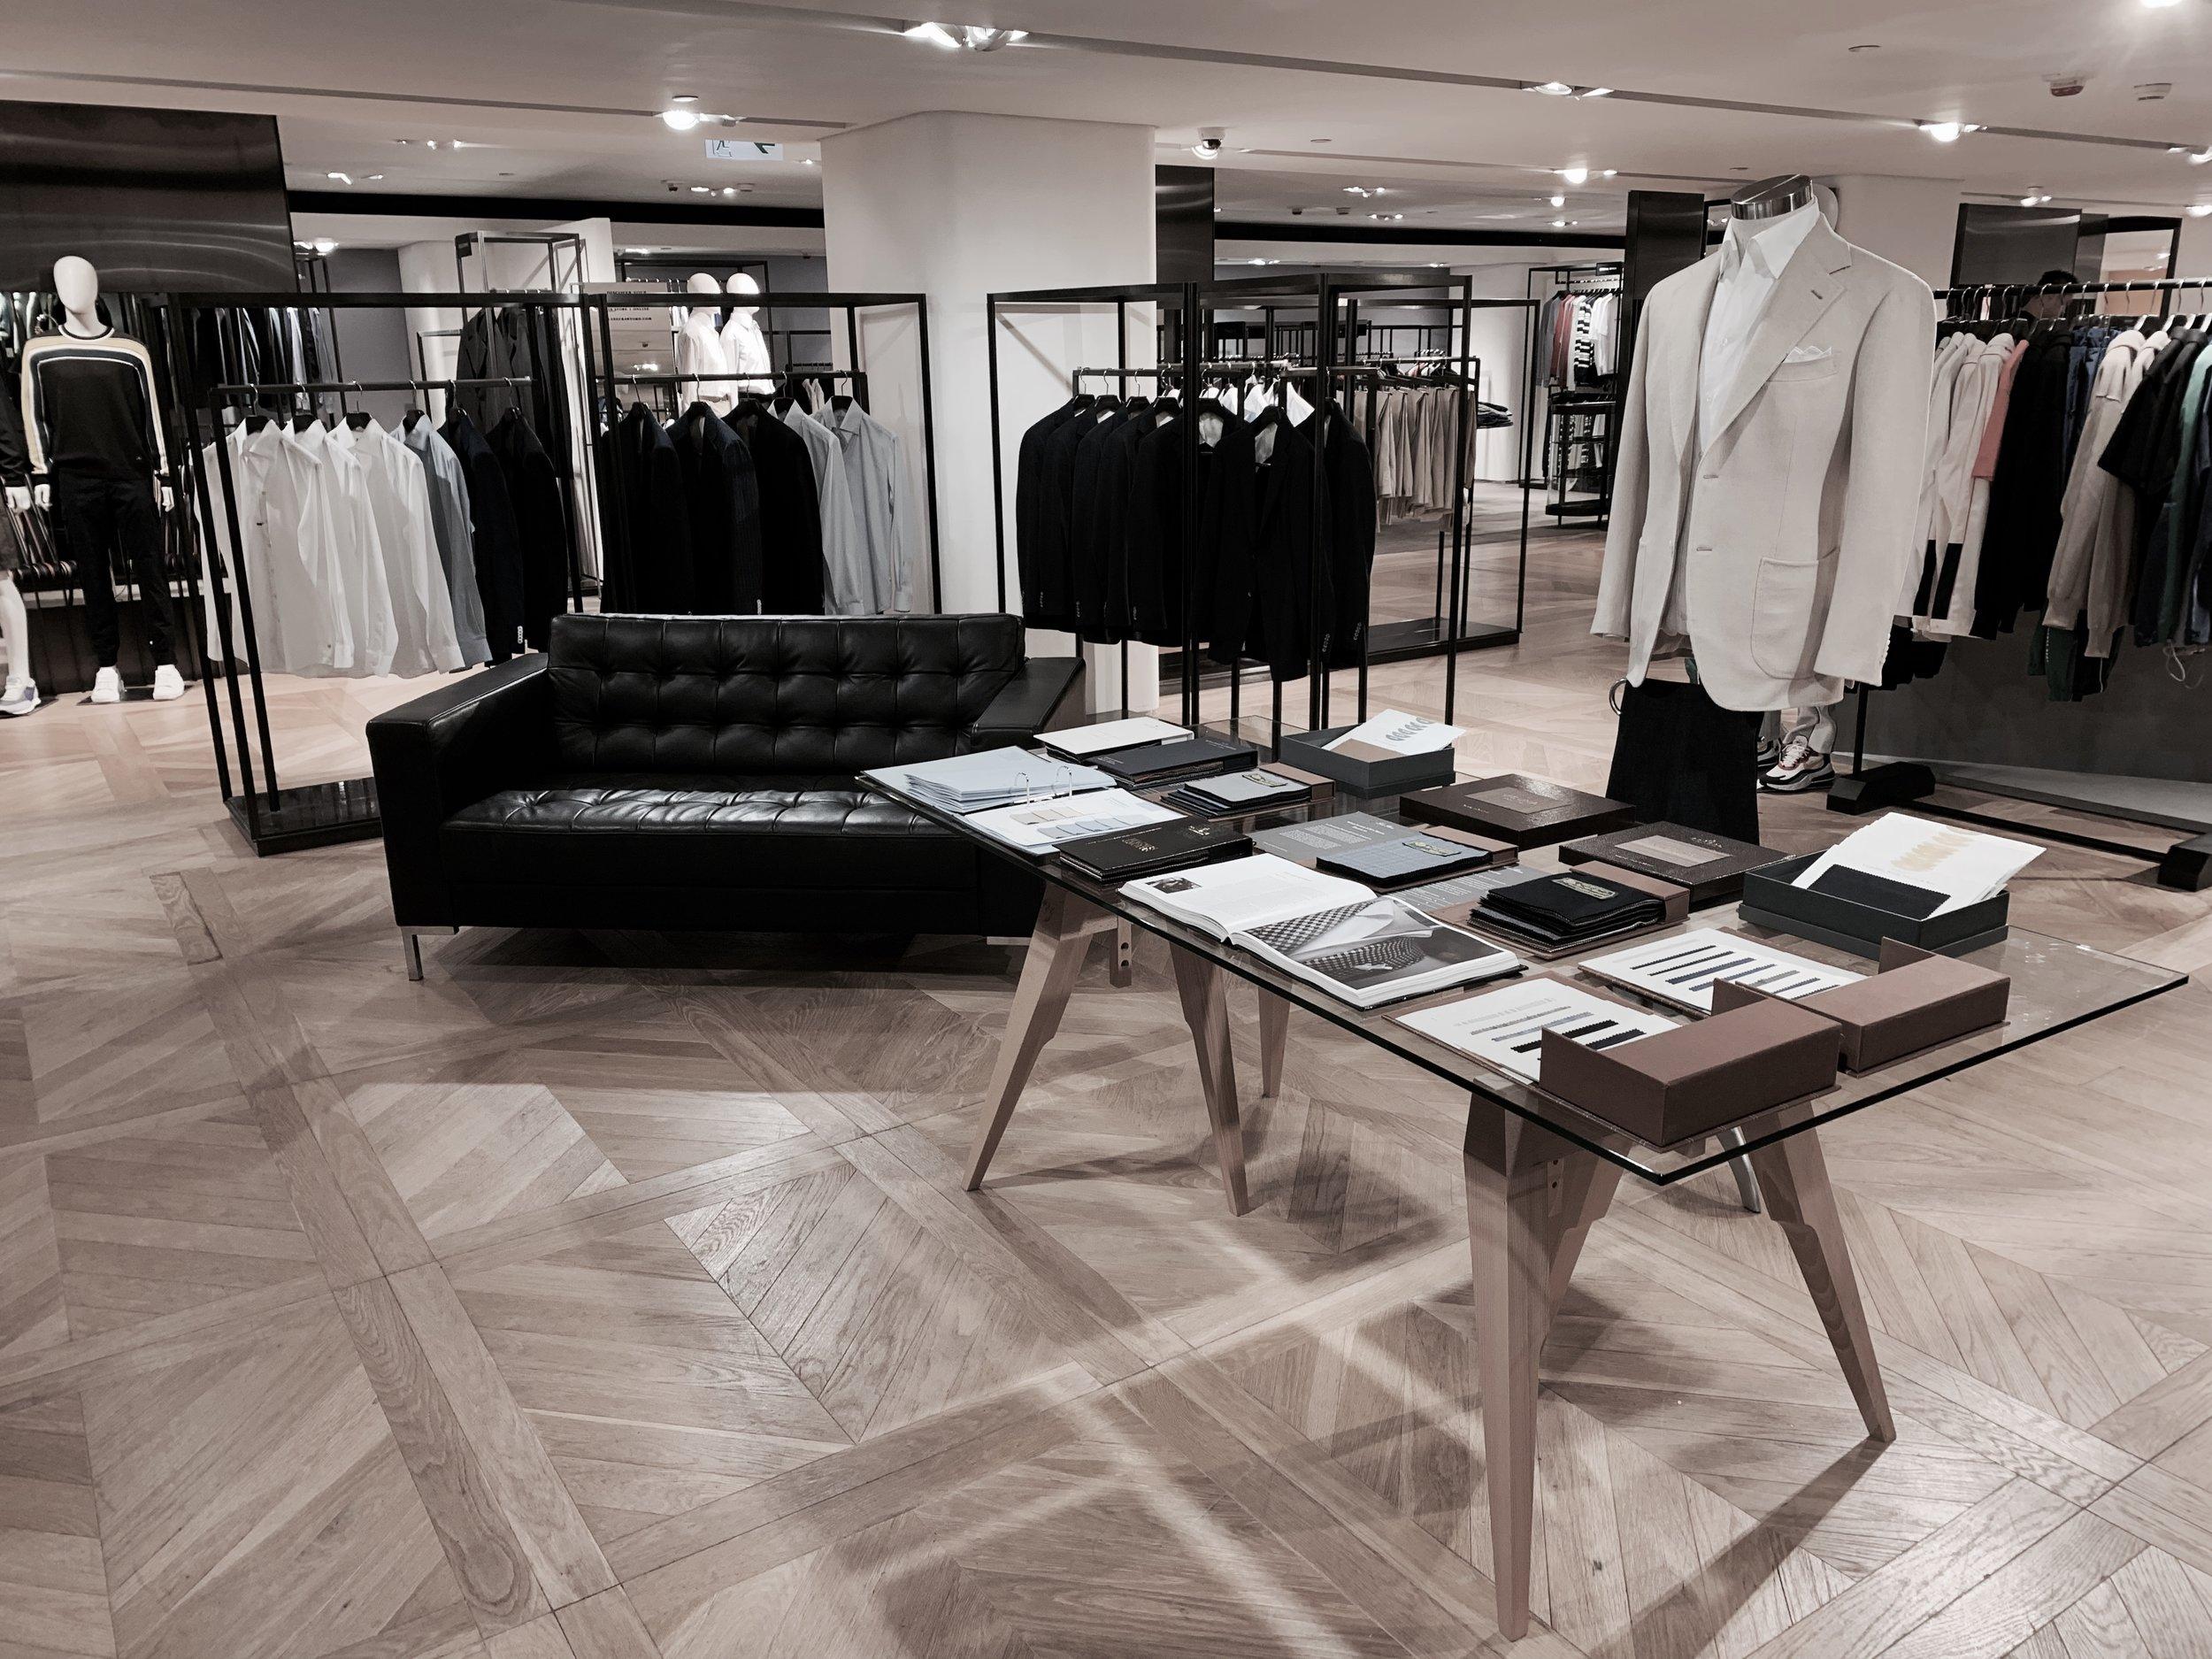 Magnus-&-Novus-x-Lane-Crawford-Luxury-Designer-Menswear.jpg